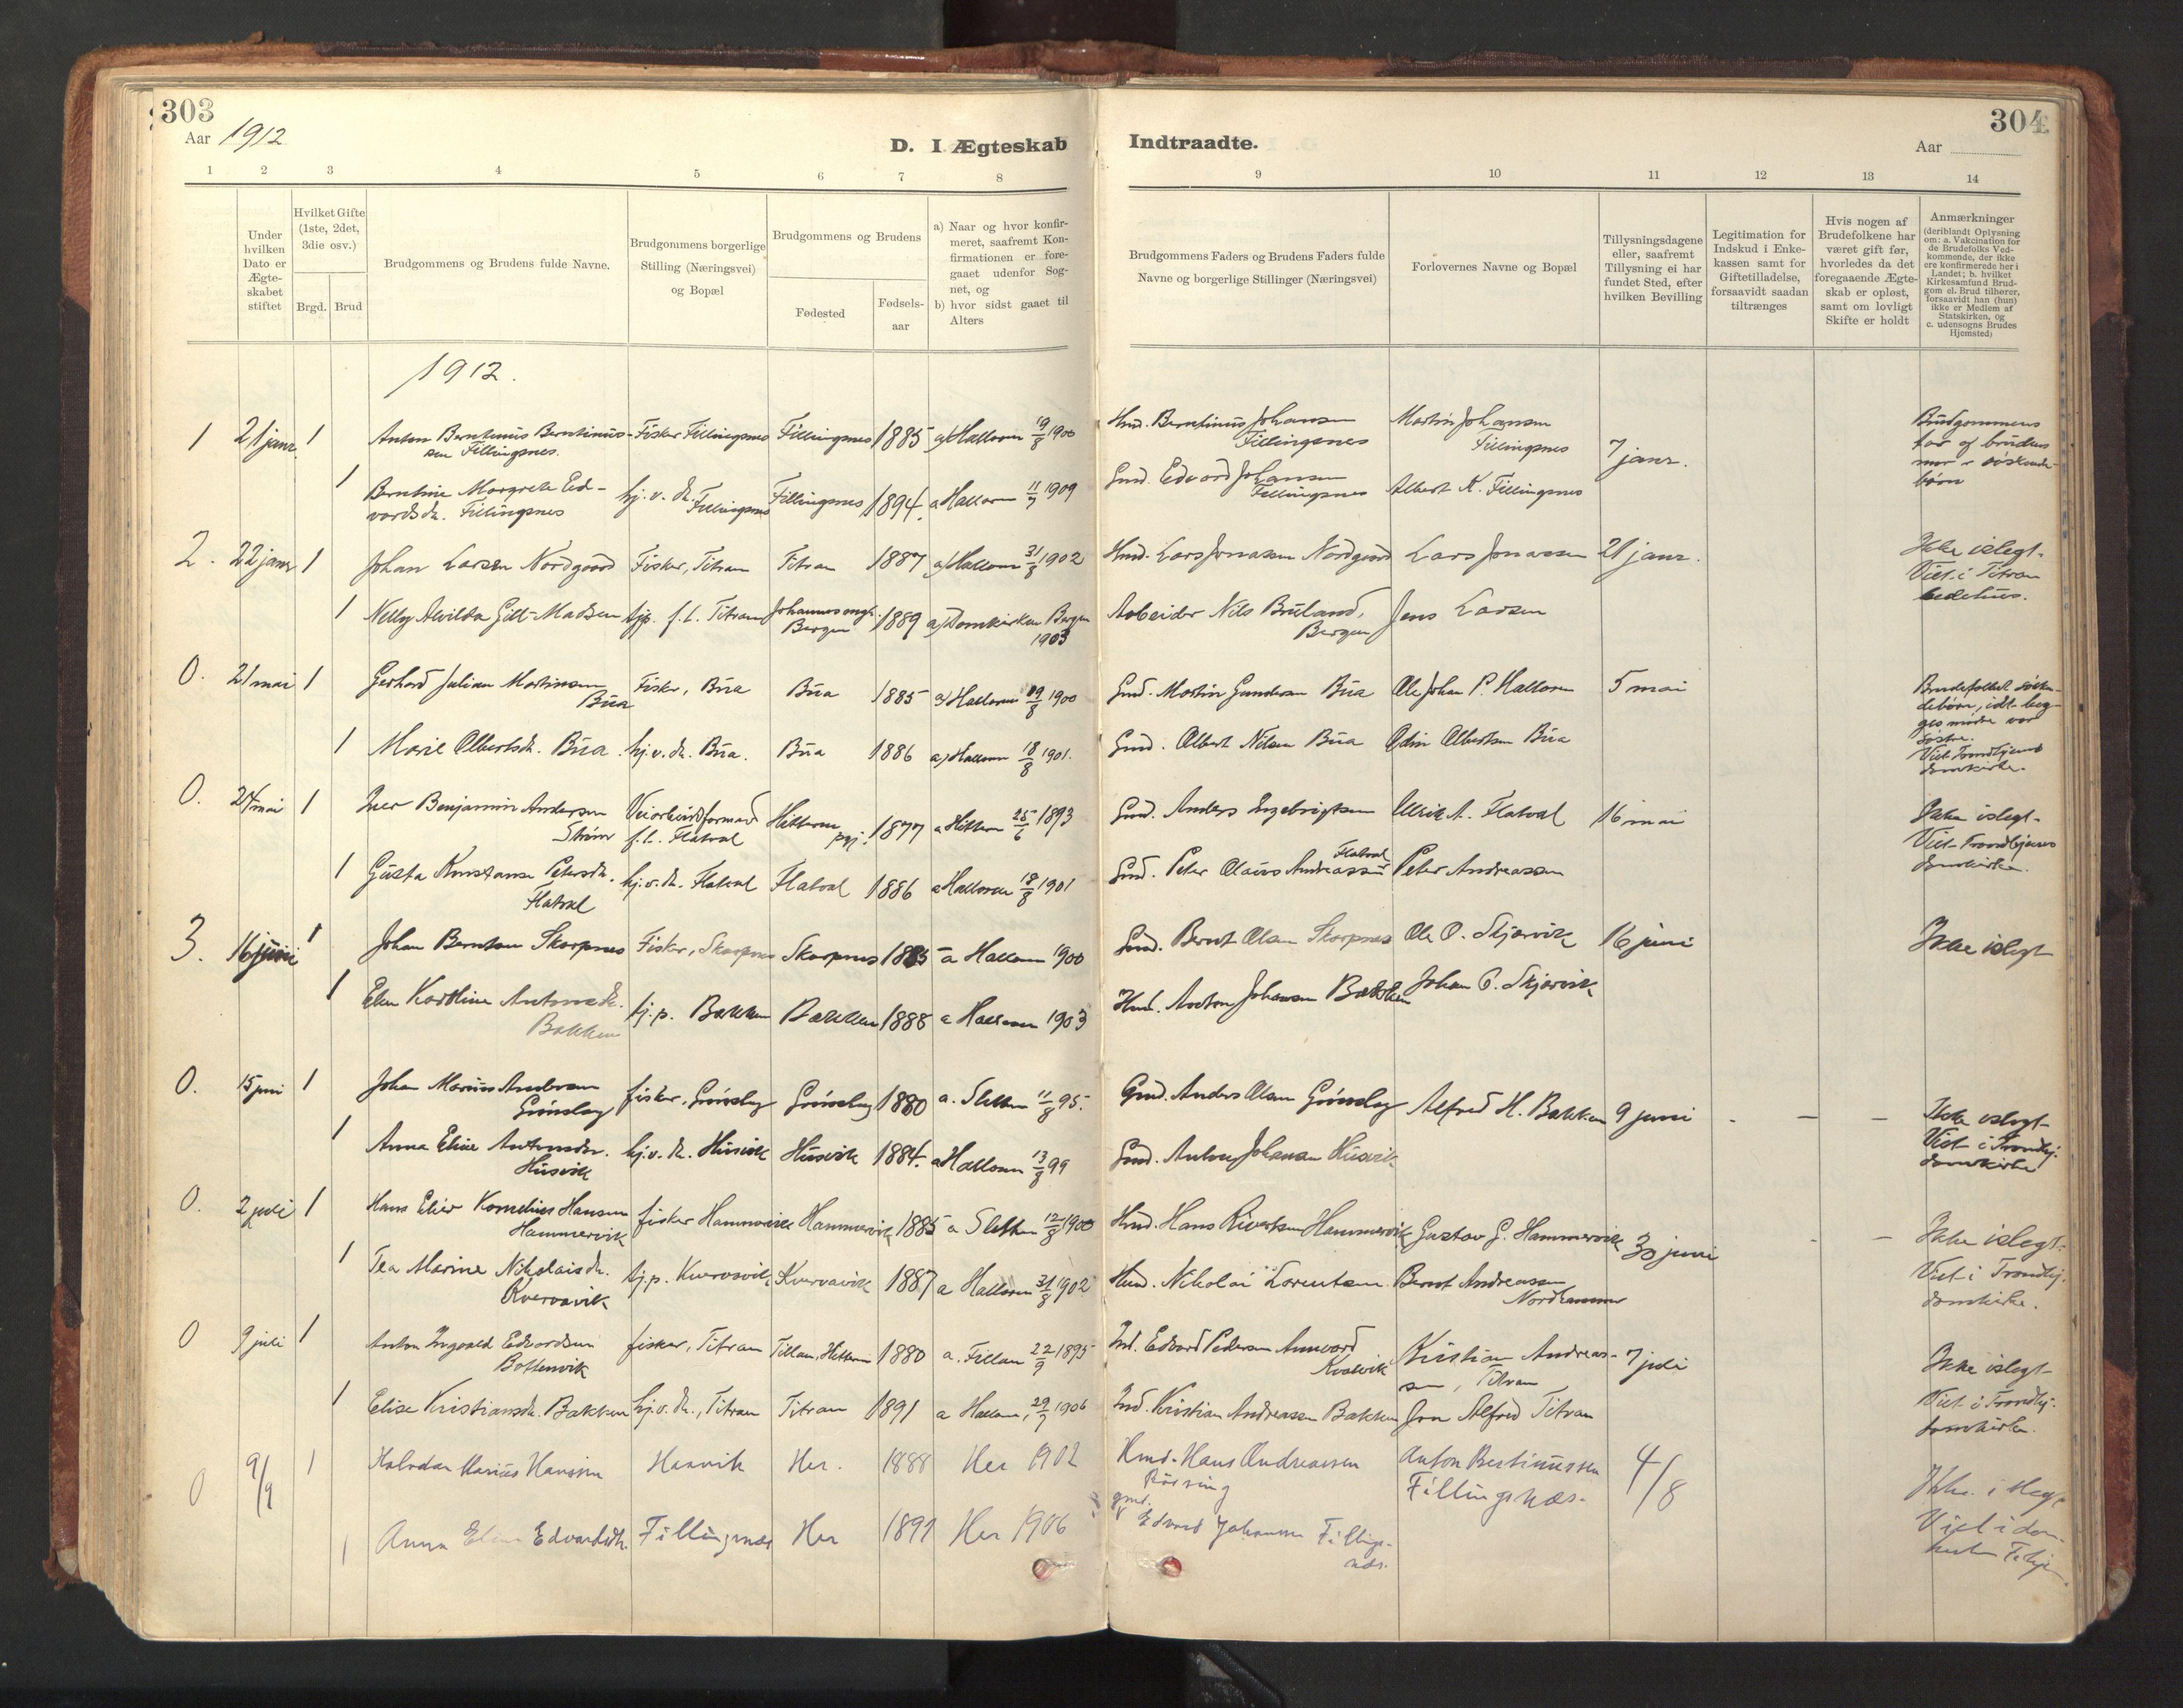 SAT, Ministerialprotokoller, klokkerbøker og fødselsregistre - Sør-Trøndelag, 641/L0596: Ministerialbok nr. 641A02, 1898-1915, s. 303-304